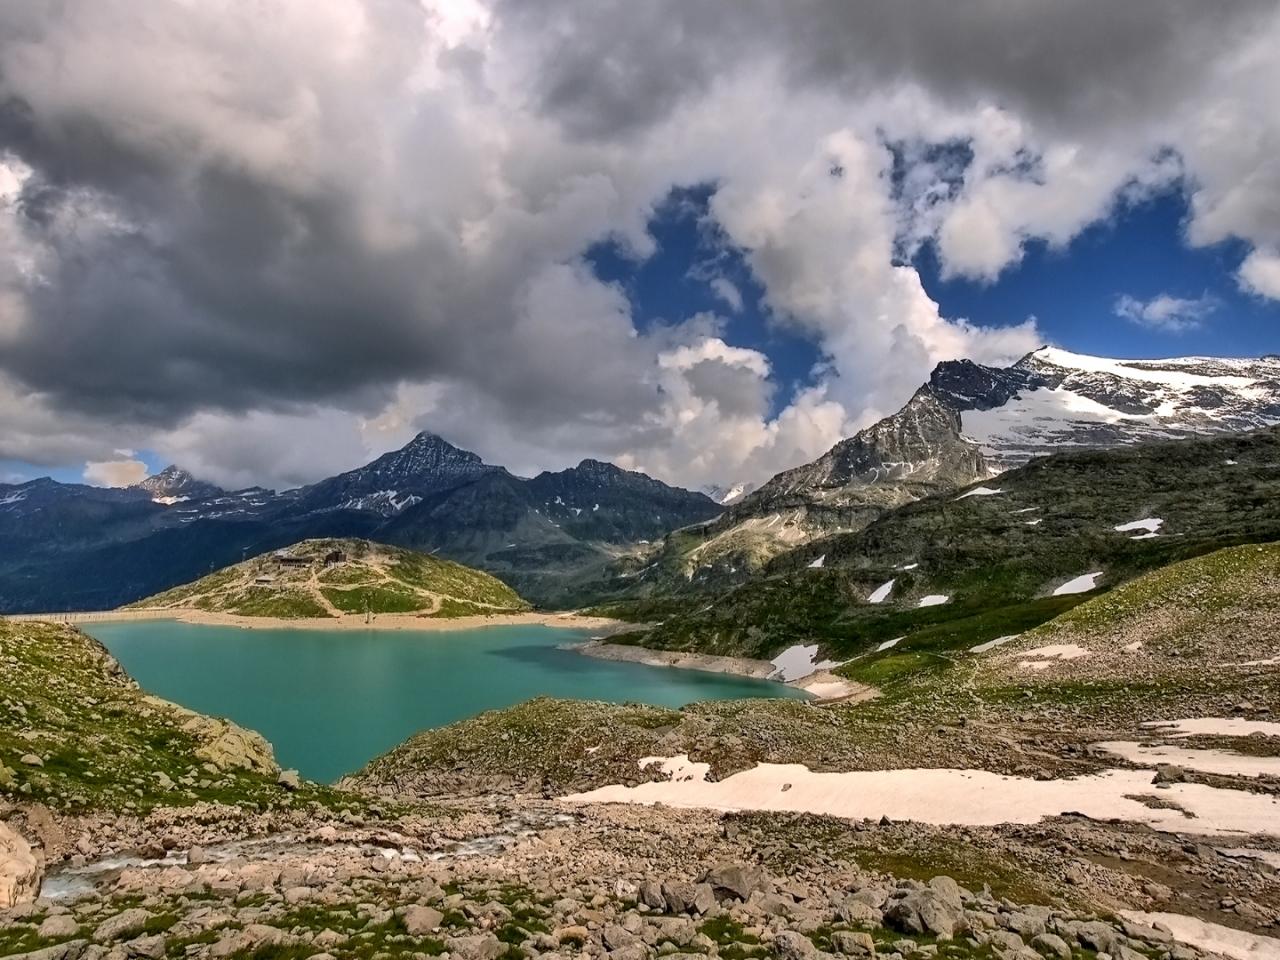 Lagunas y montañas - 1280x960